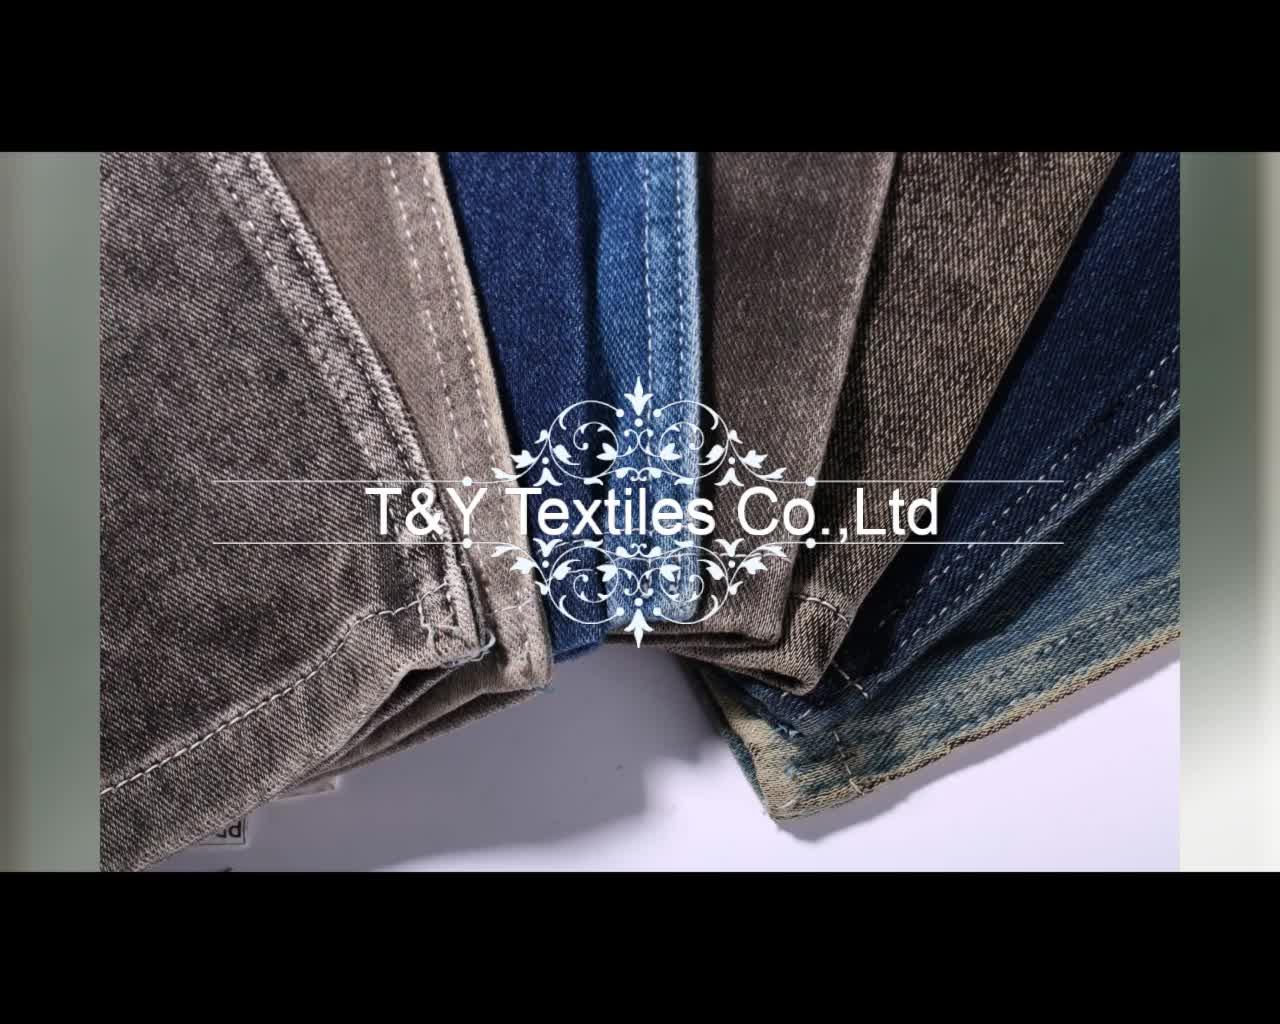 Zware gewicht knit denim jeans stof voor man broek broek